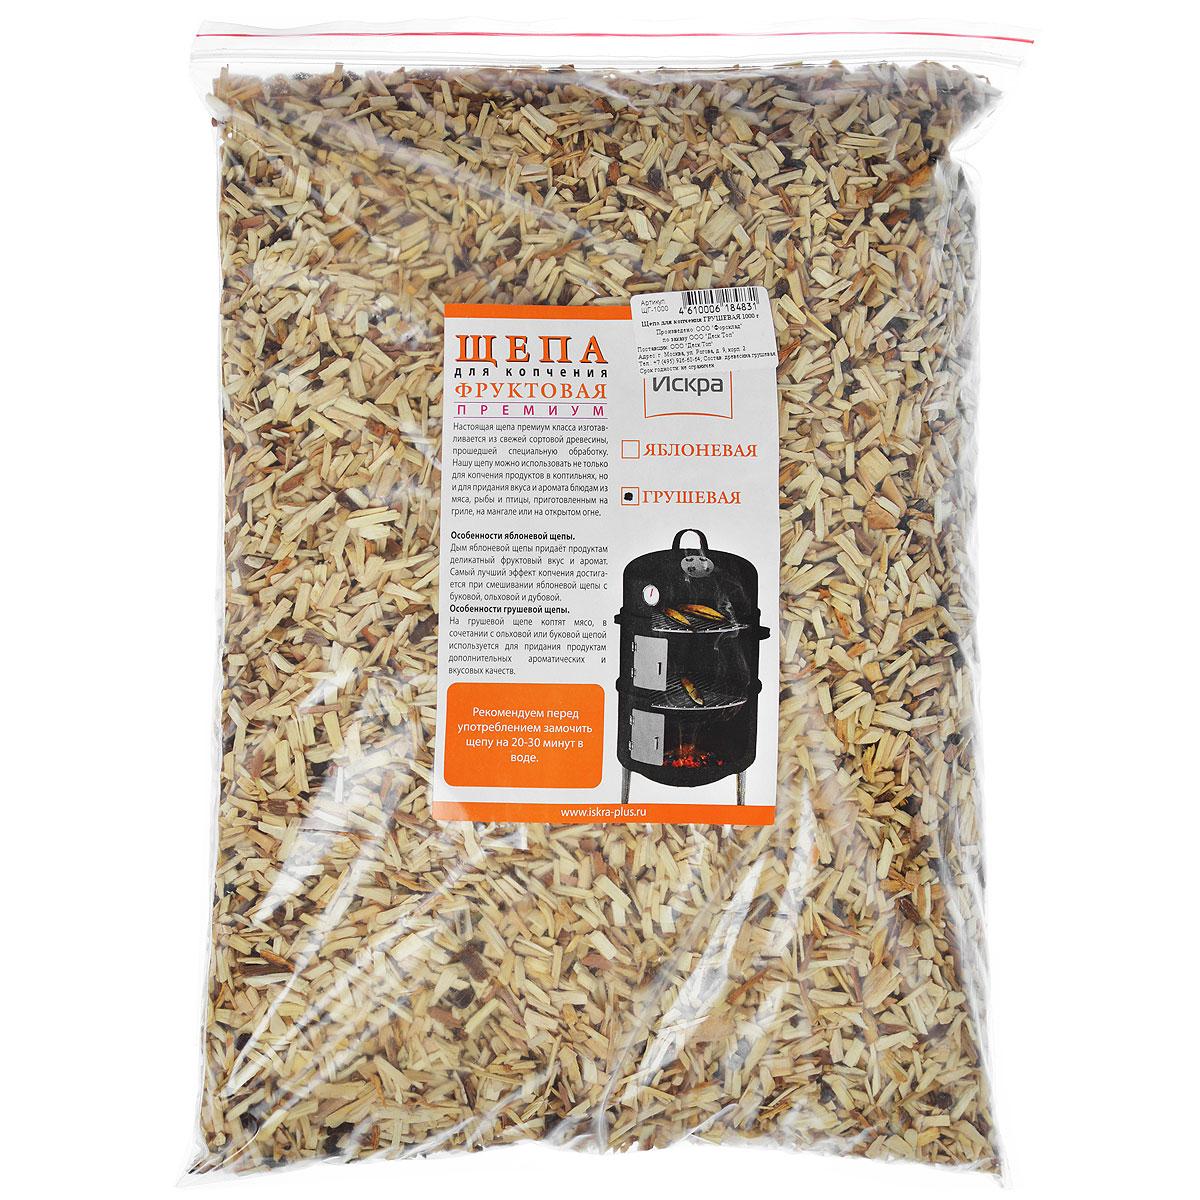 Щепа для копчения Искра Грушевая, 1 кгЩГ-1000Щепа для копчения премиум класса Искра Грушевая, изготовлена из свежей сортовой древесины, прошедшей специальную обработку. Ее можно использовать не только для копчения продуктов в коптильнях, но и для придания вкуса и аромата блюдам из мяса, рыбы и птицы, приготовленным на гриле, мангале или на открытом огне. Рекомендуется перед употреблением замочить щепу на 20-30 минут в воде.Фракция 3-8 мм;Влажность 15-20%. <brВес: 1 кг.